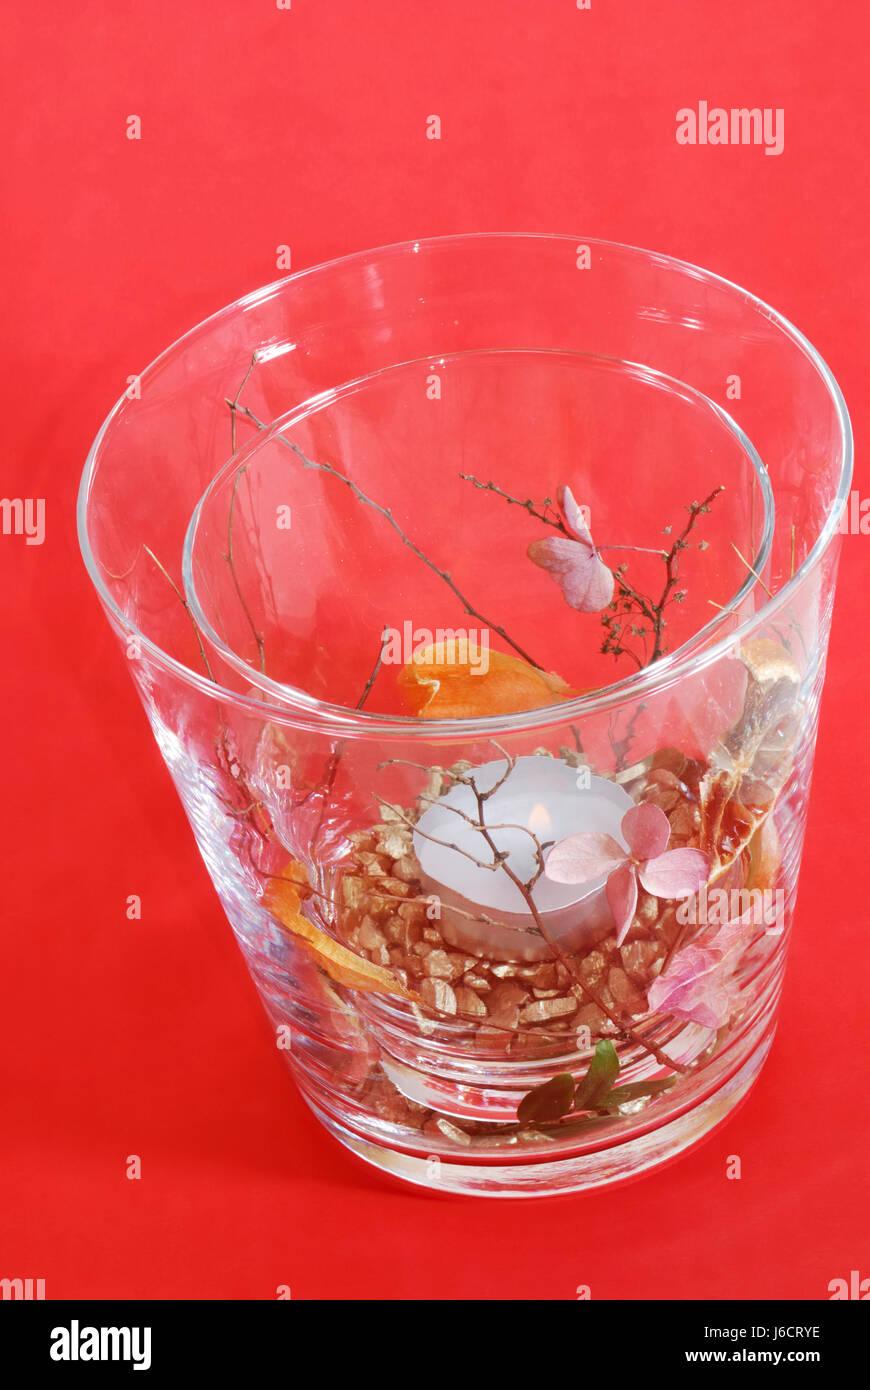 Glas Kelch Becher Kunst Kerze Deko Dekoration Vase Lichtscheibe